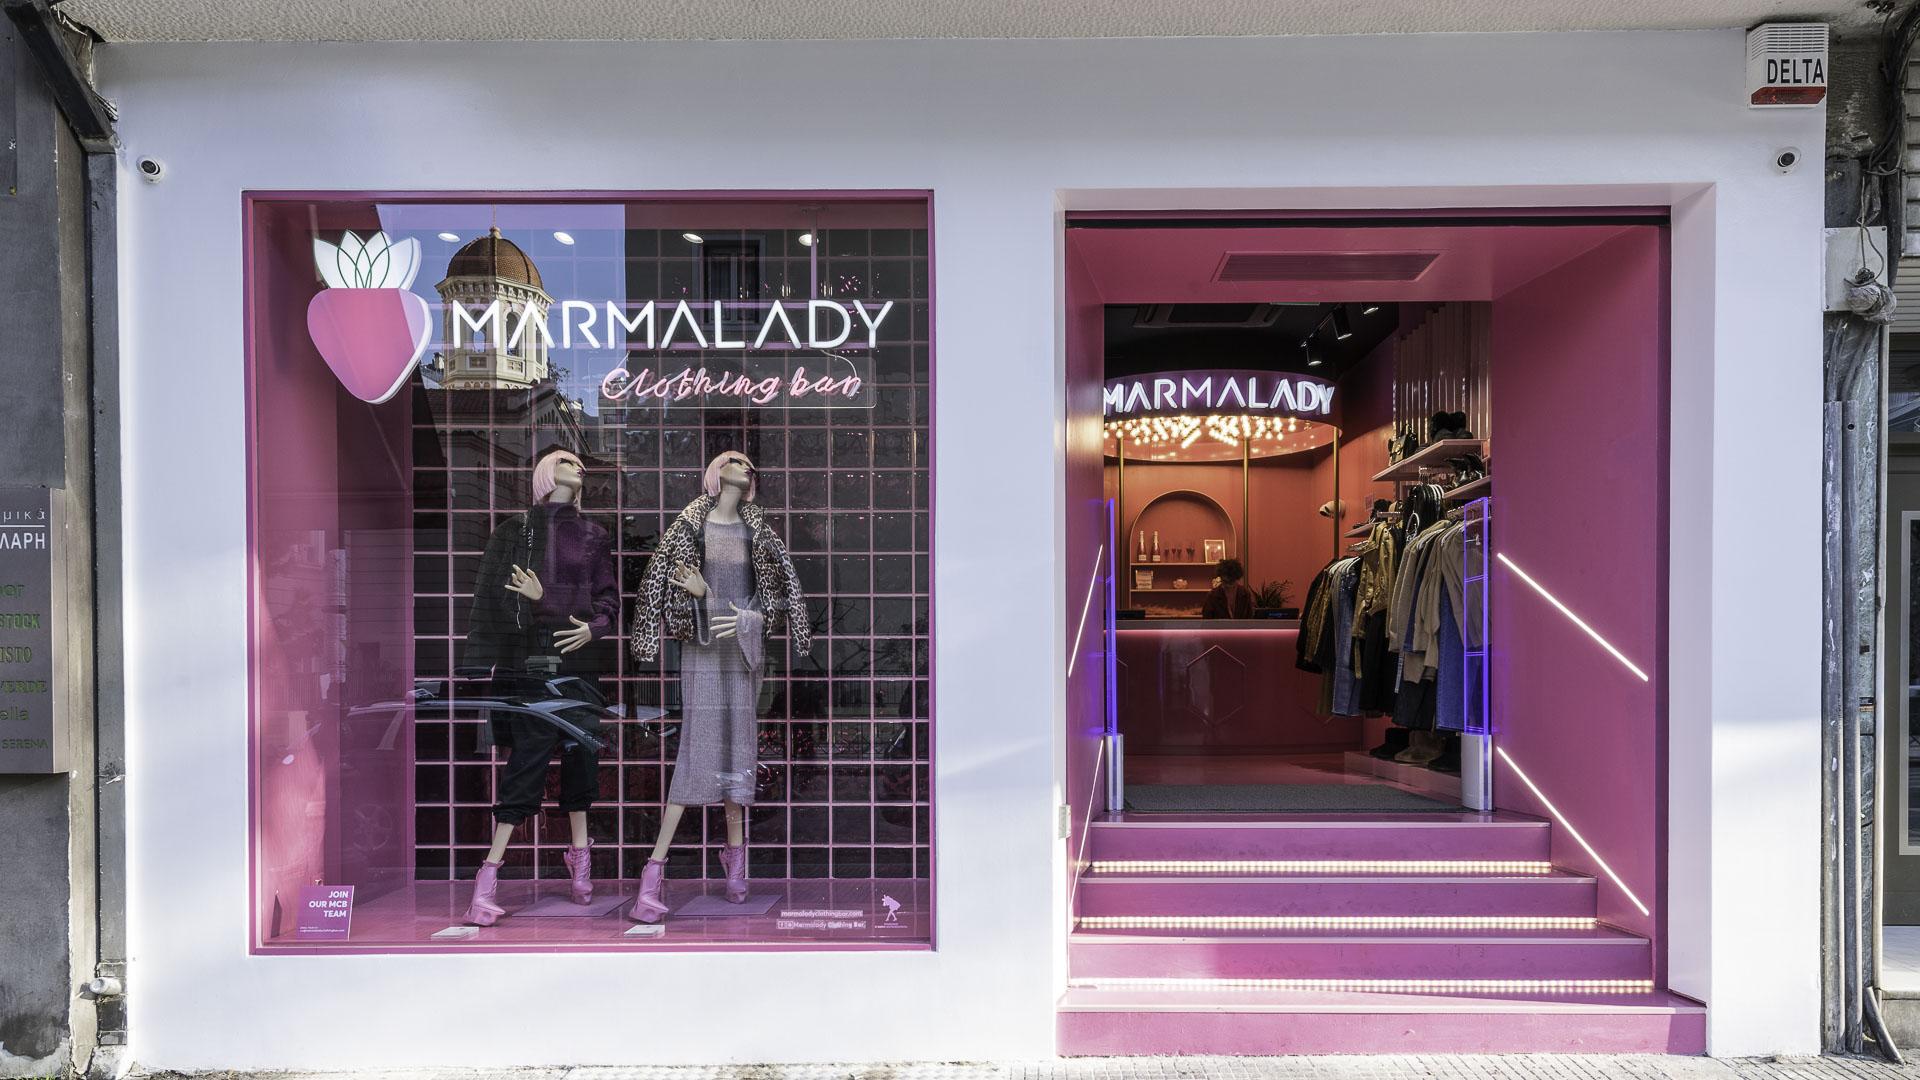 Marmalady Clothing Bar